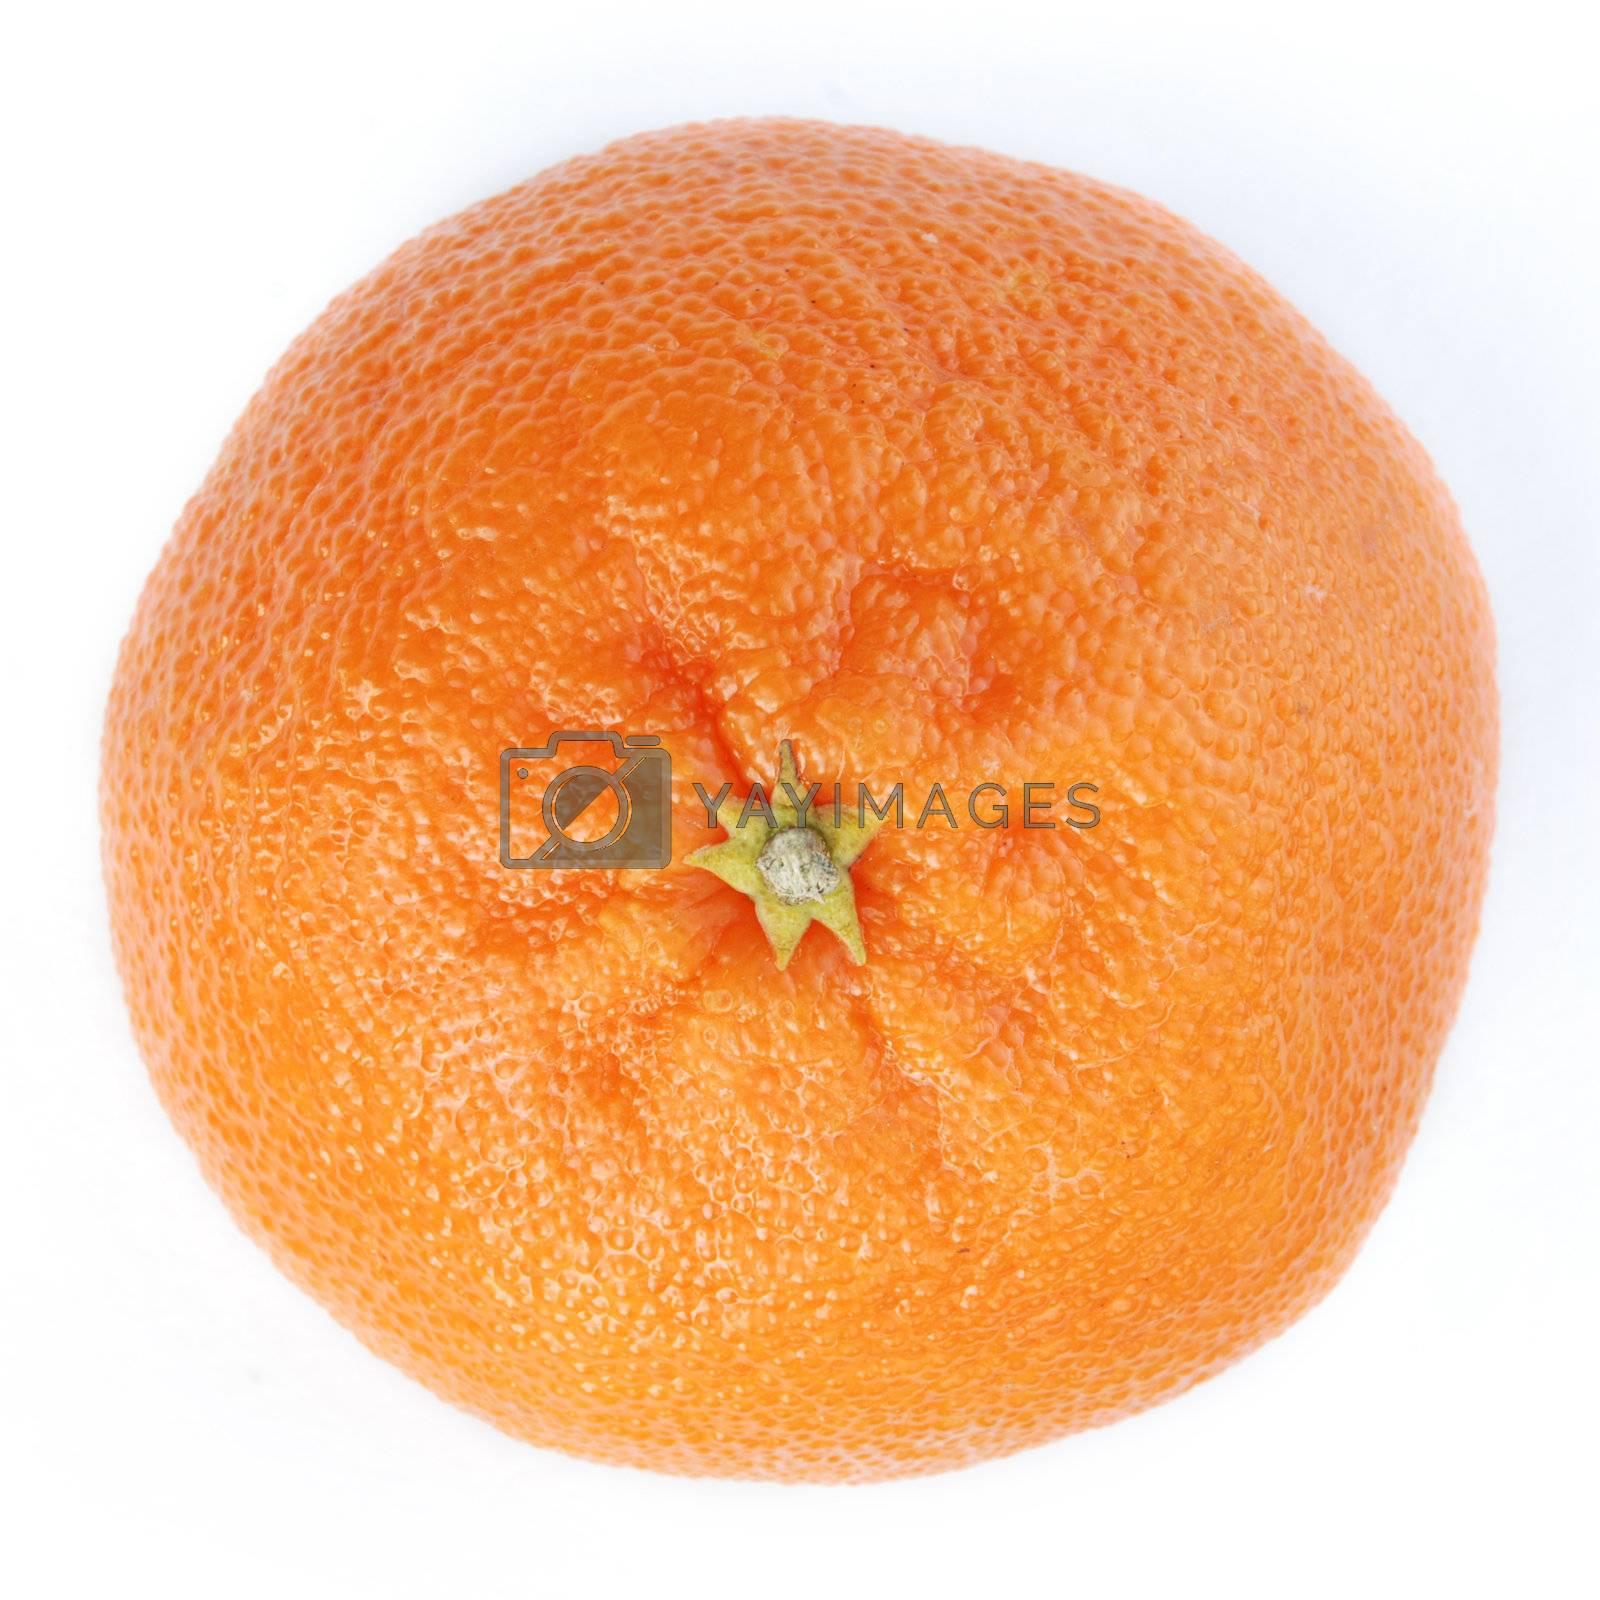 Royalty free image of orange by ArtemPasha